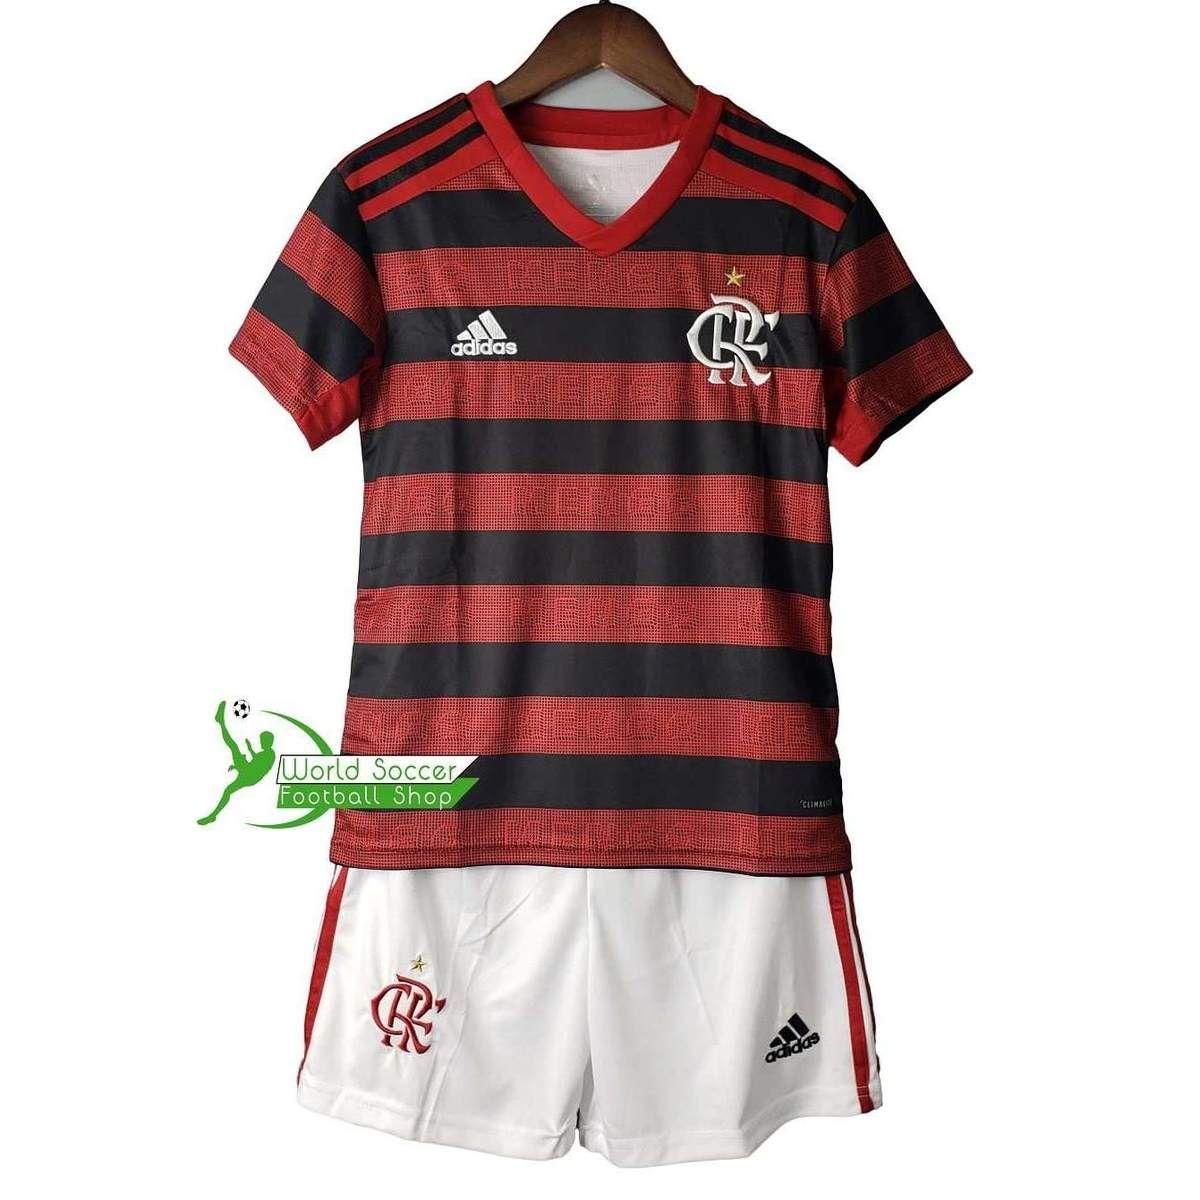 Clube De Regatas Do Flamengo Football Team Adidas Home Boys